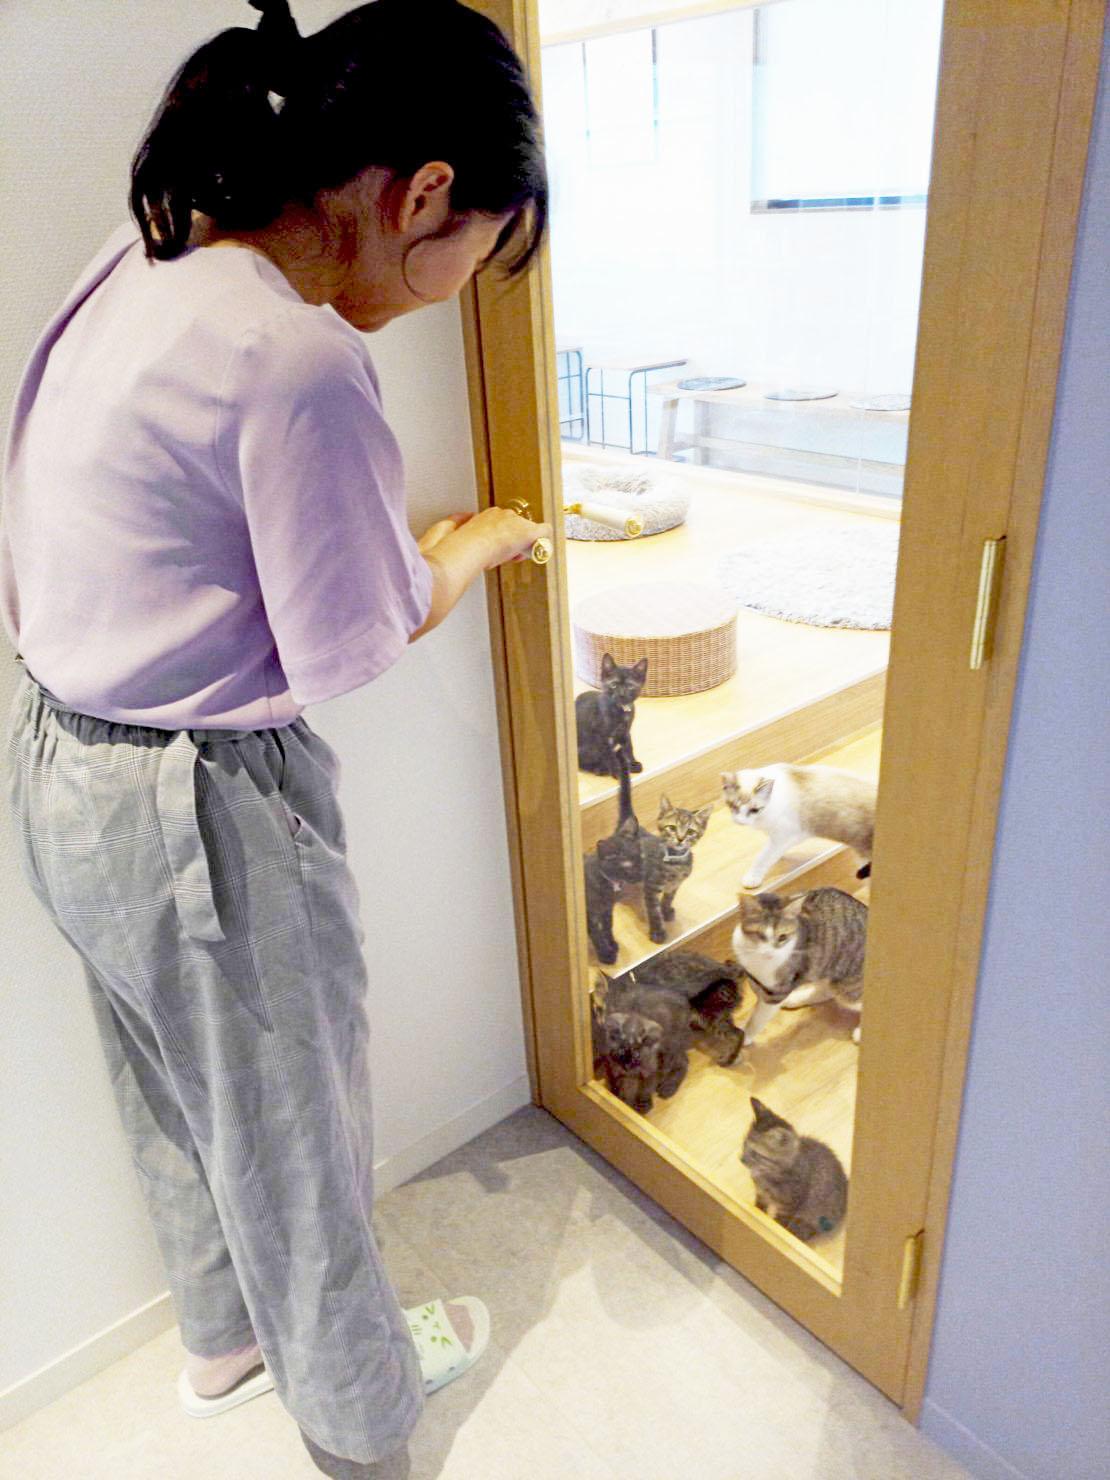 """かわいい""""子猫の幼稚園""""!岡崎に保護猫カフェ「Chaton」がオープン、猫好きライターが実際に行ってきました! - IMG 20200611 141206 6 1110x1480 1"""